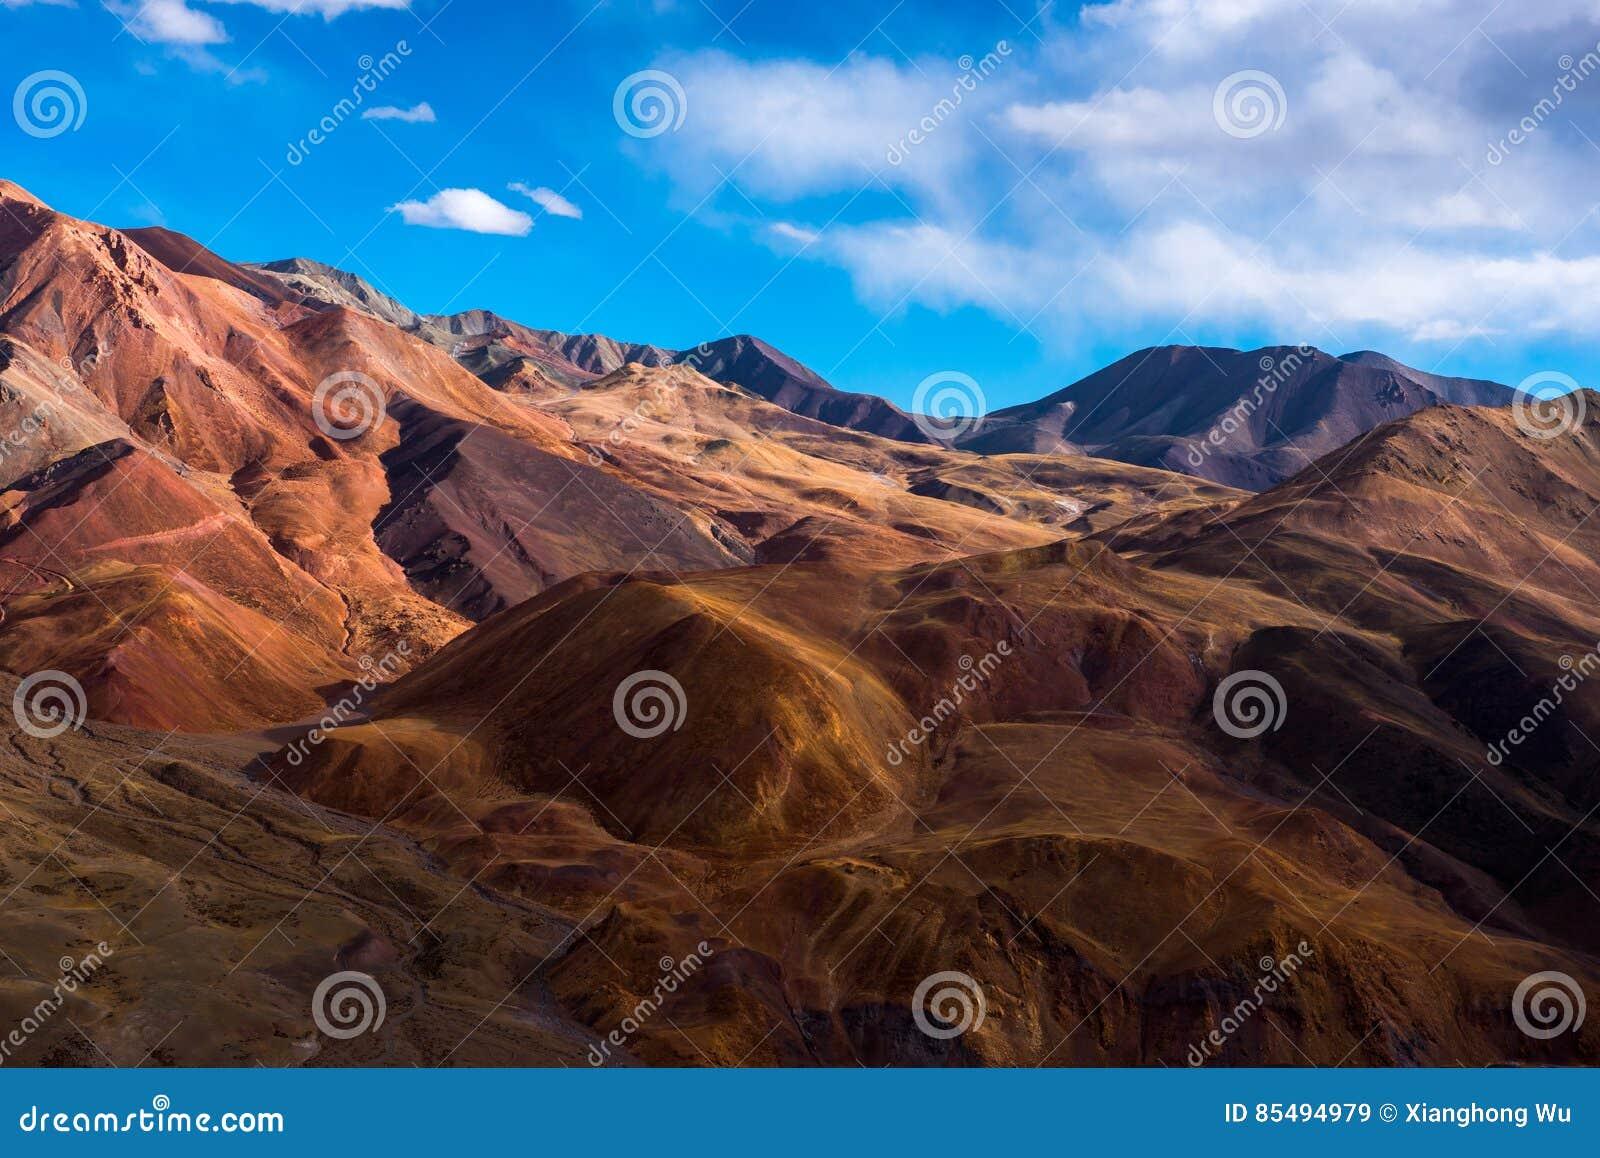 Красивый пейзаж: Путешествовать в Тибете